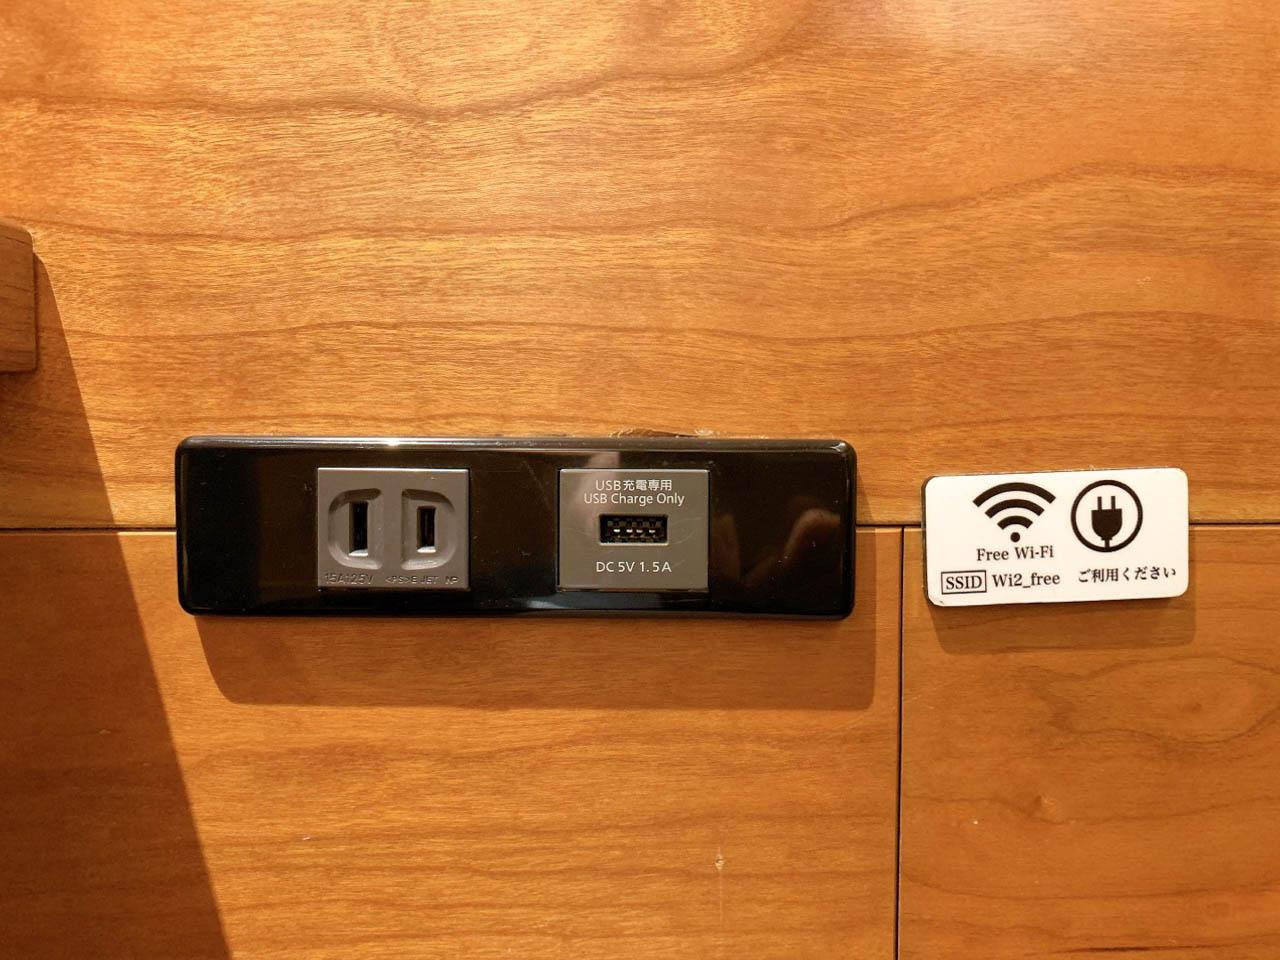 電源・Wi-Fi完備でPC作業、ノマドワークに最適!